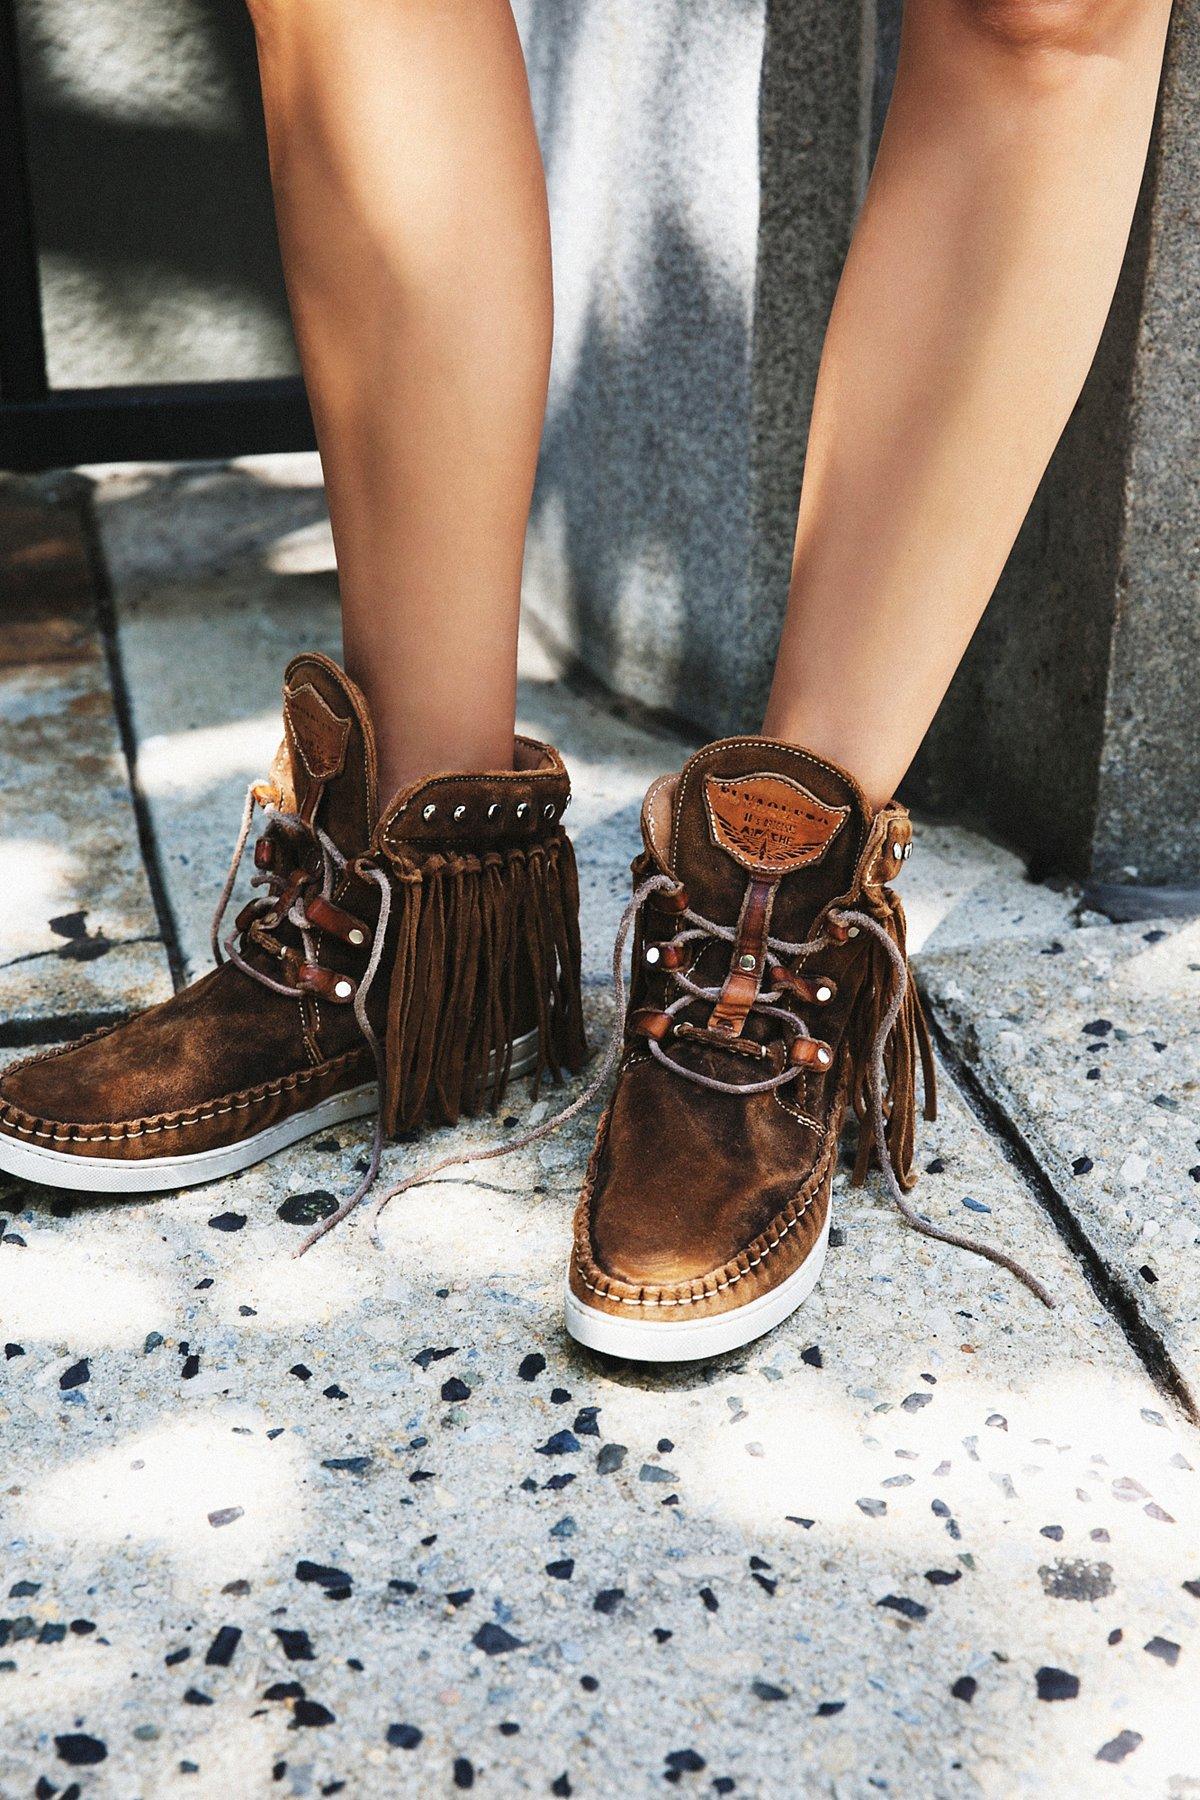 Maze Runner Ankle Boot